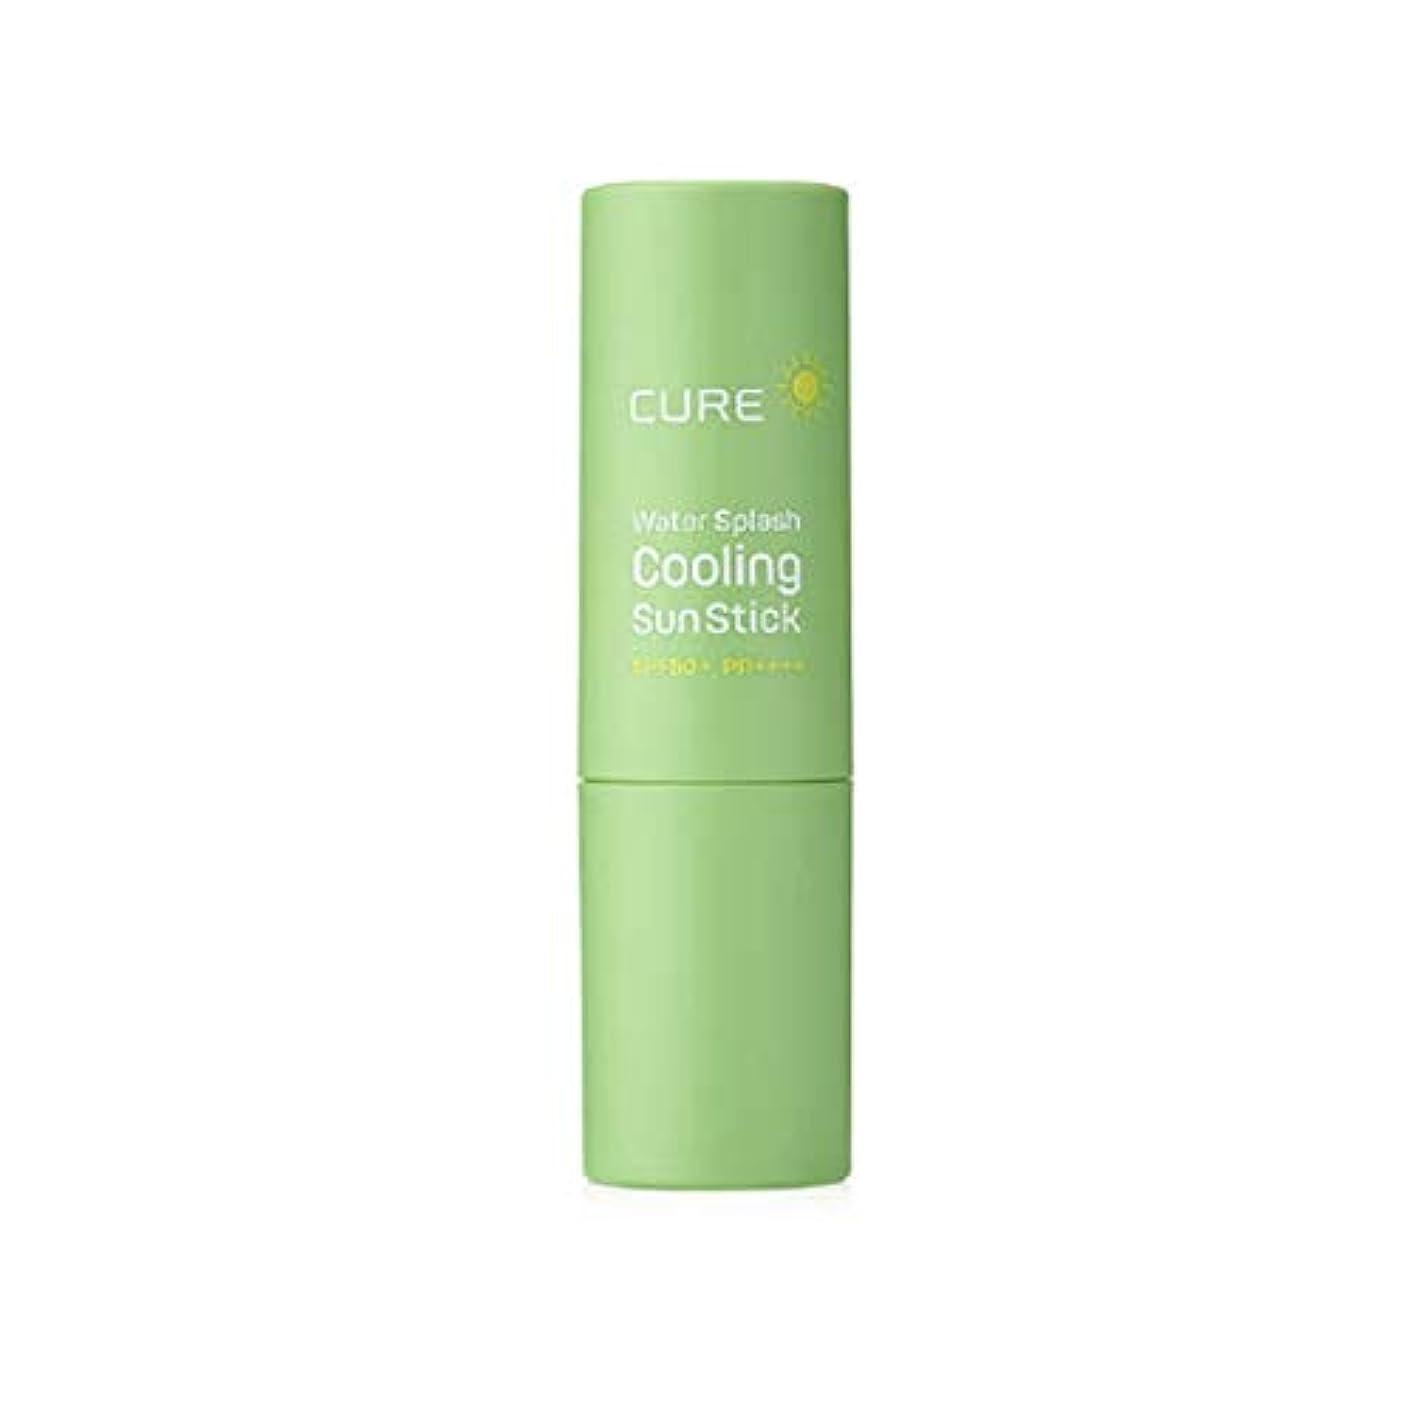 [KIMJUNGMOON ALOE] キムジョンムンアロエ Cure Water Splash Coolling Sun Stick 11gキュアウォータースプラッシュクーリングスティックSPF50+/PA++++ 42%...